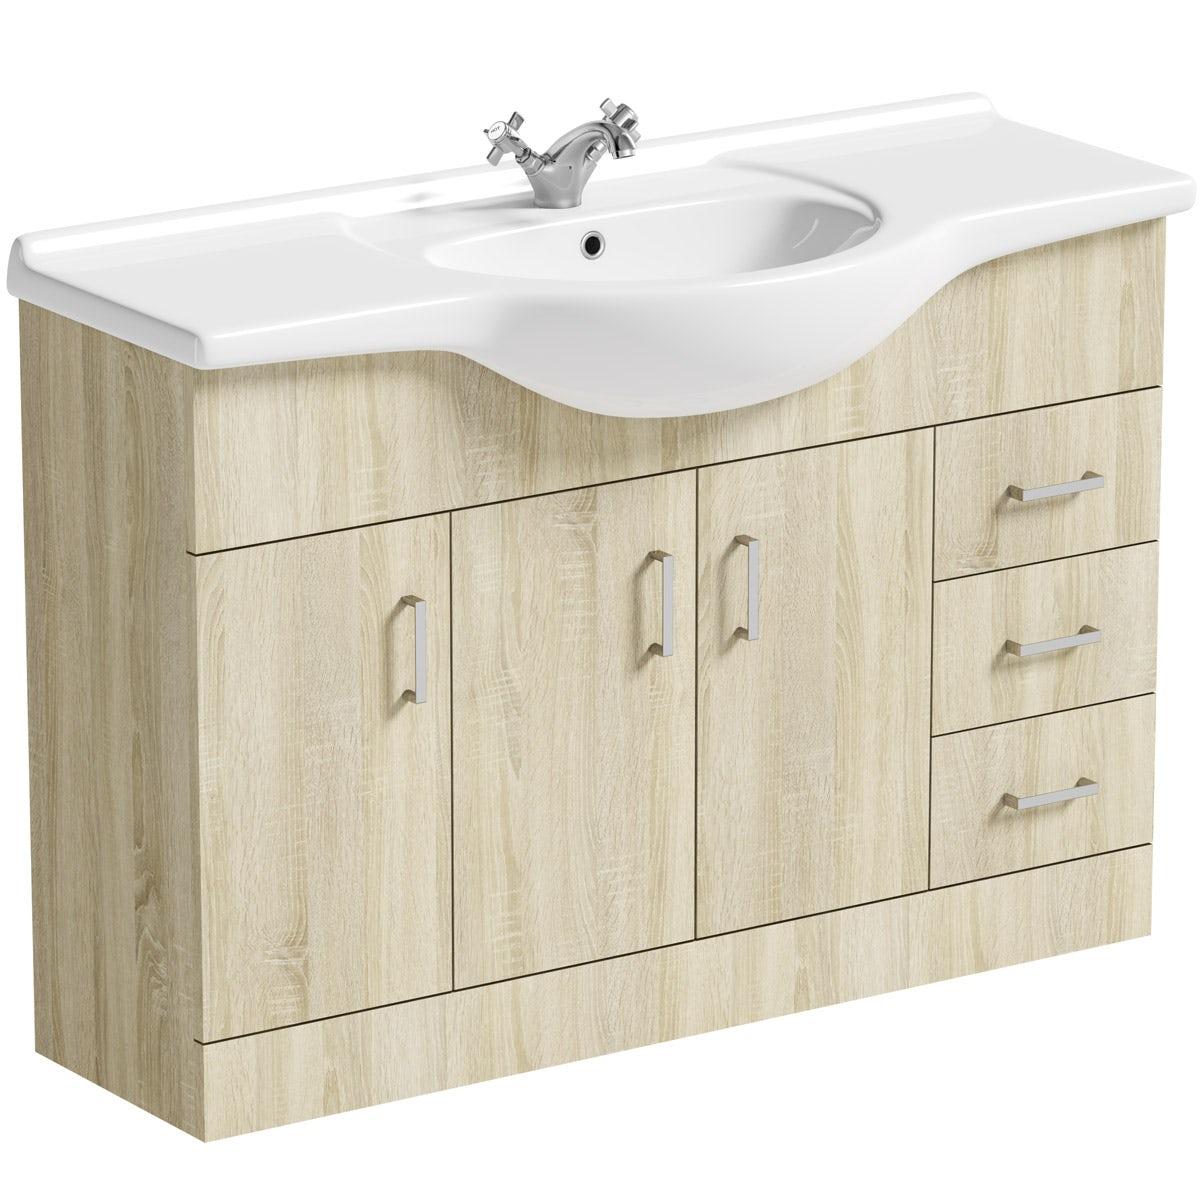 Orchard Eden oak vanity unit and basin 1200mm